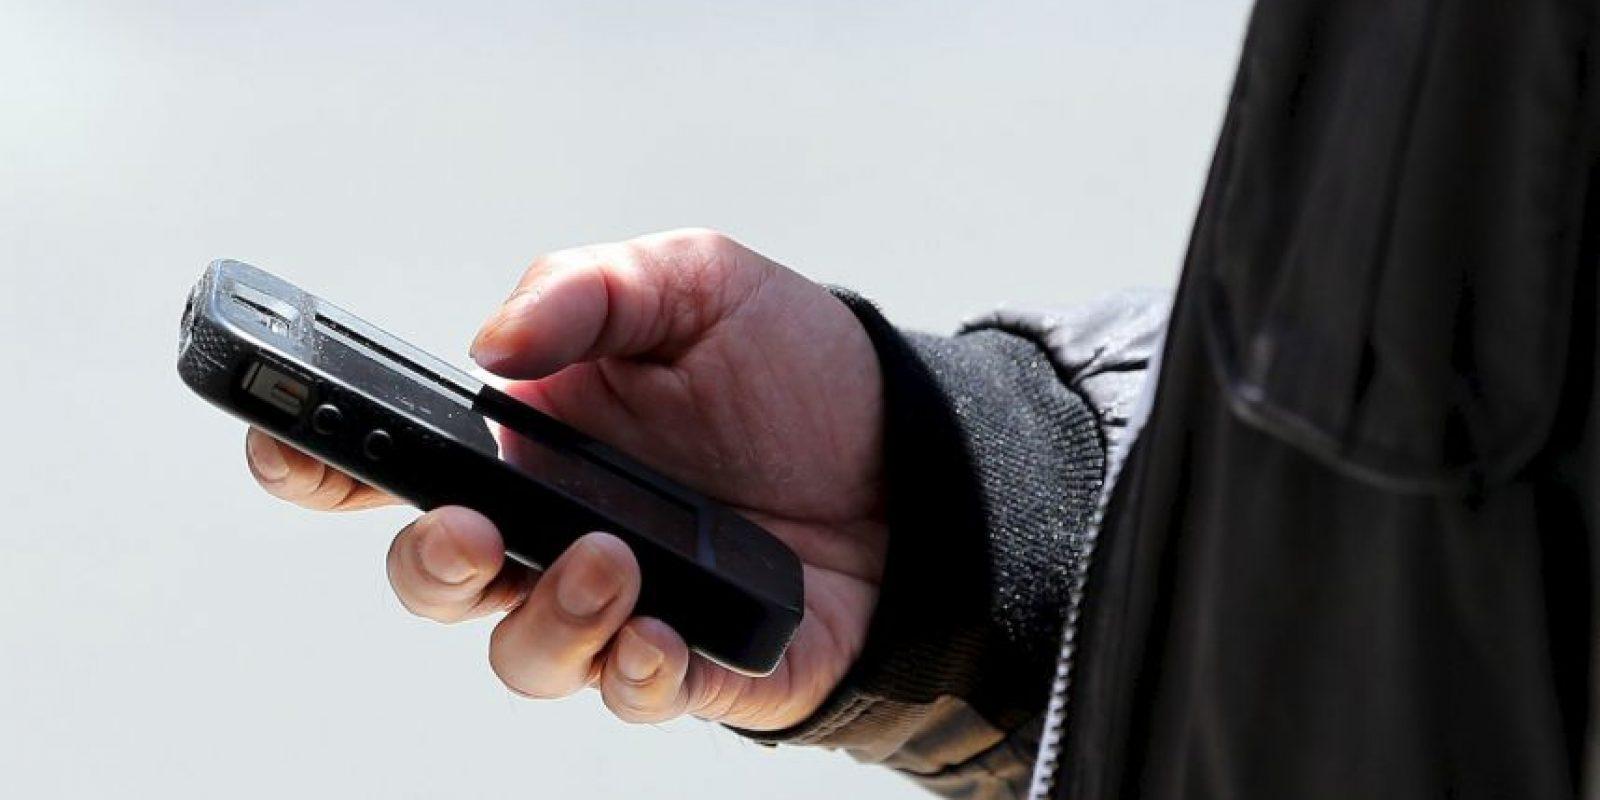 Existen otras tragedias derivada por un smartphone. Como la reciente de la explosión de un aparato de este tipo que destruyó la cara de un niño chino de 12 años. Foto:Getty Images